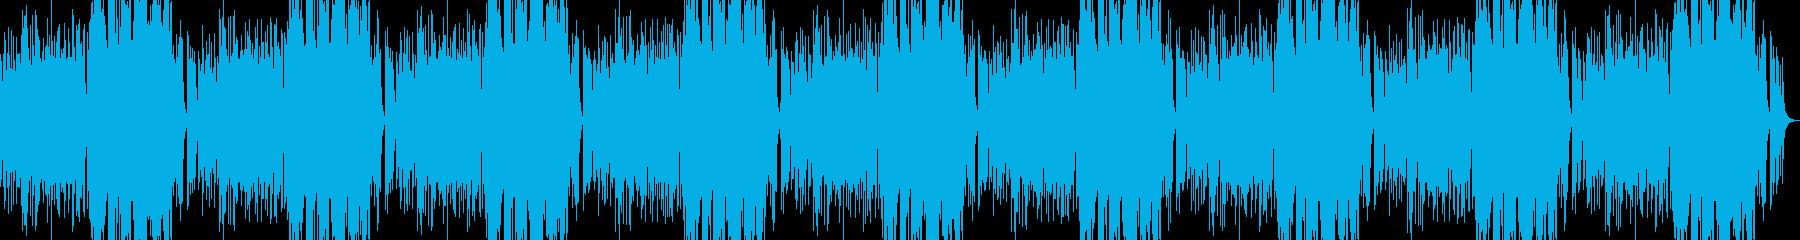 企業VP13 誠実・16分バージョンの再生済みの波形